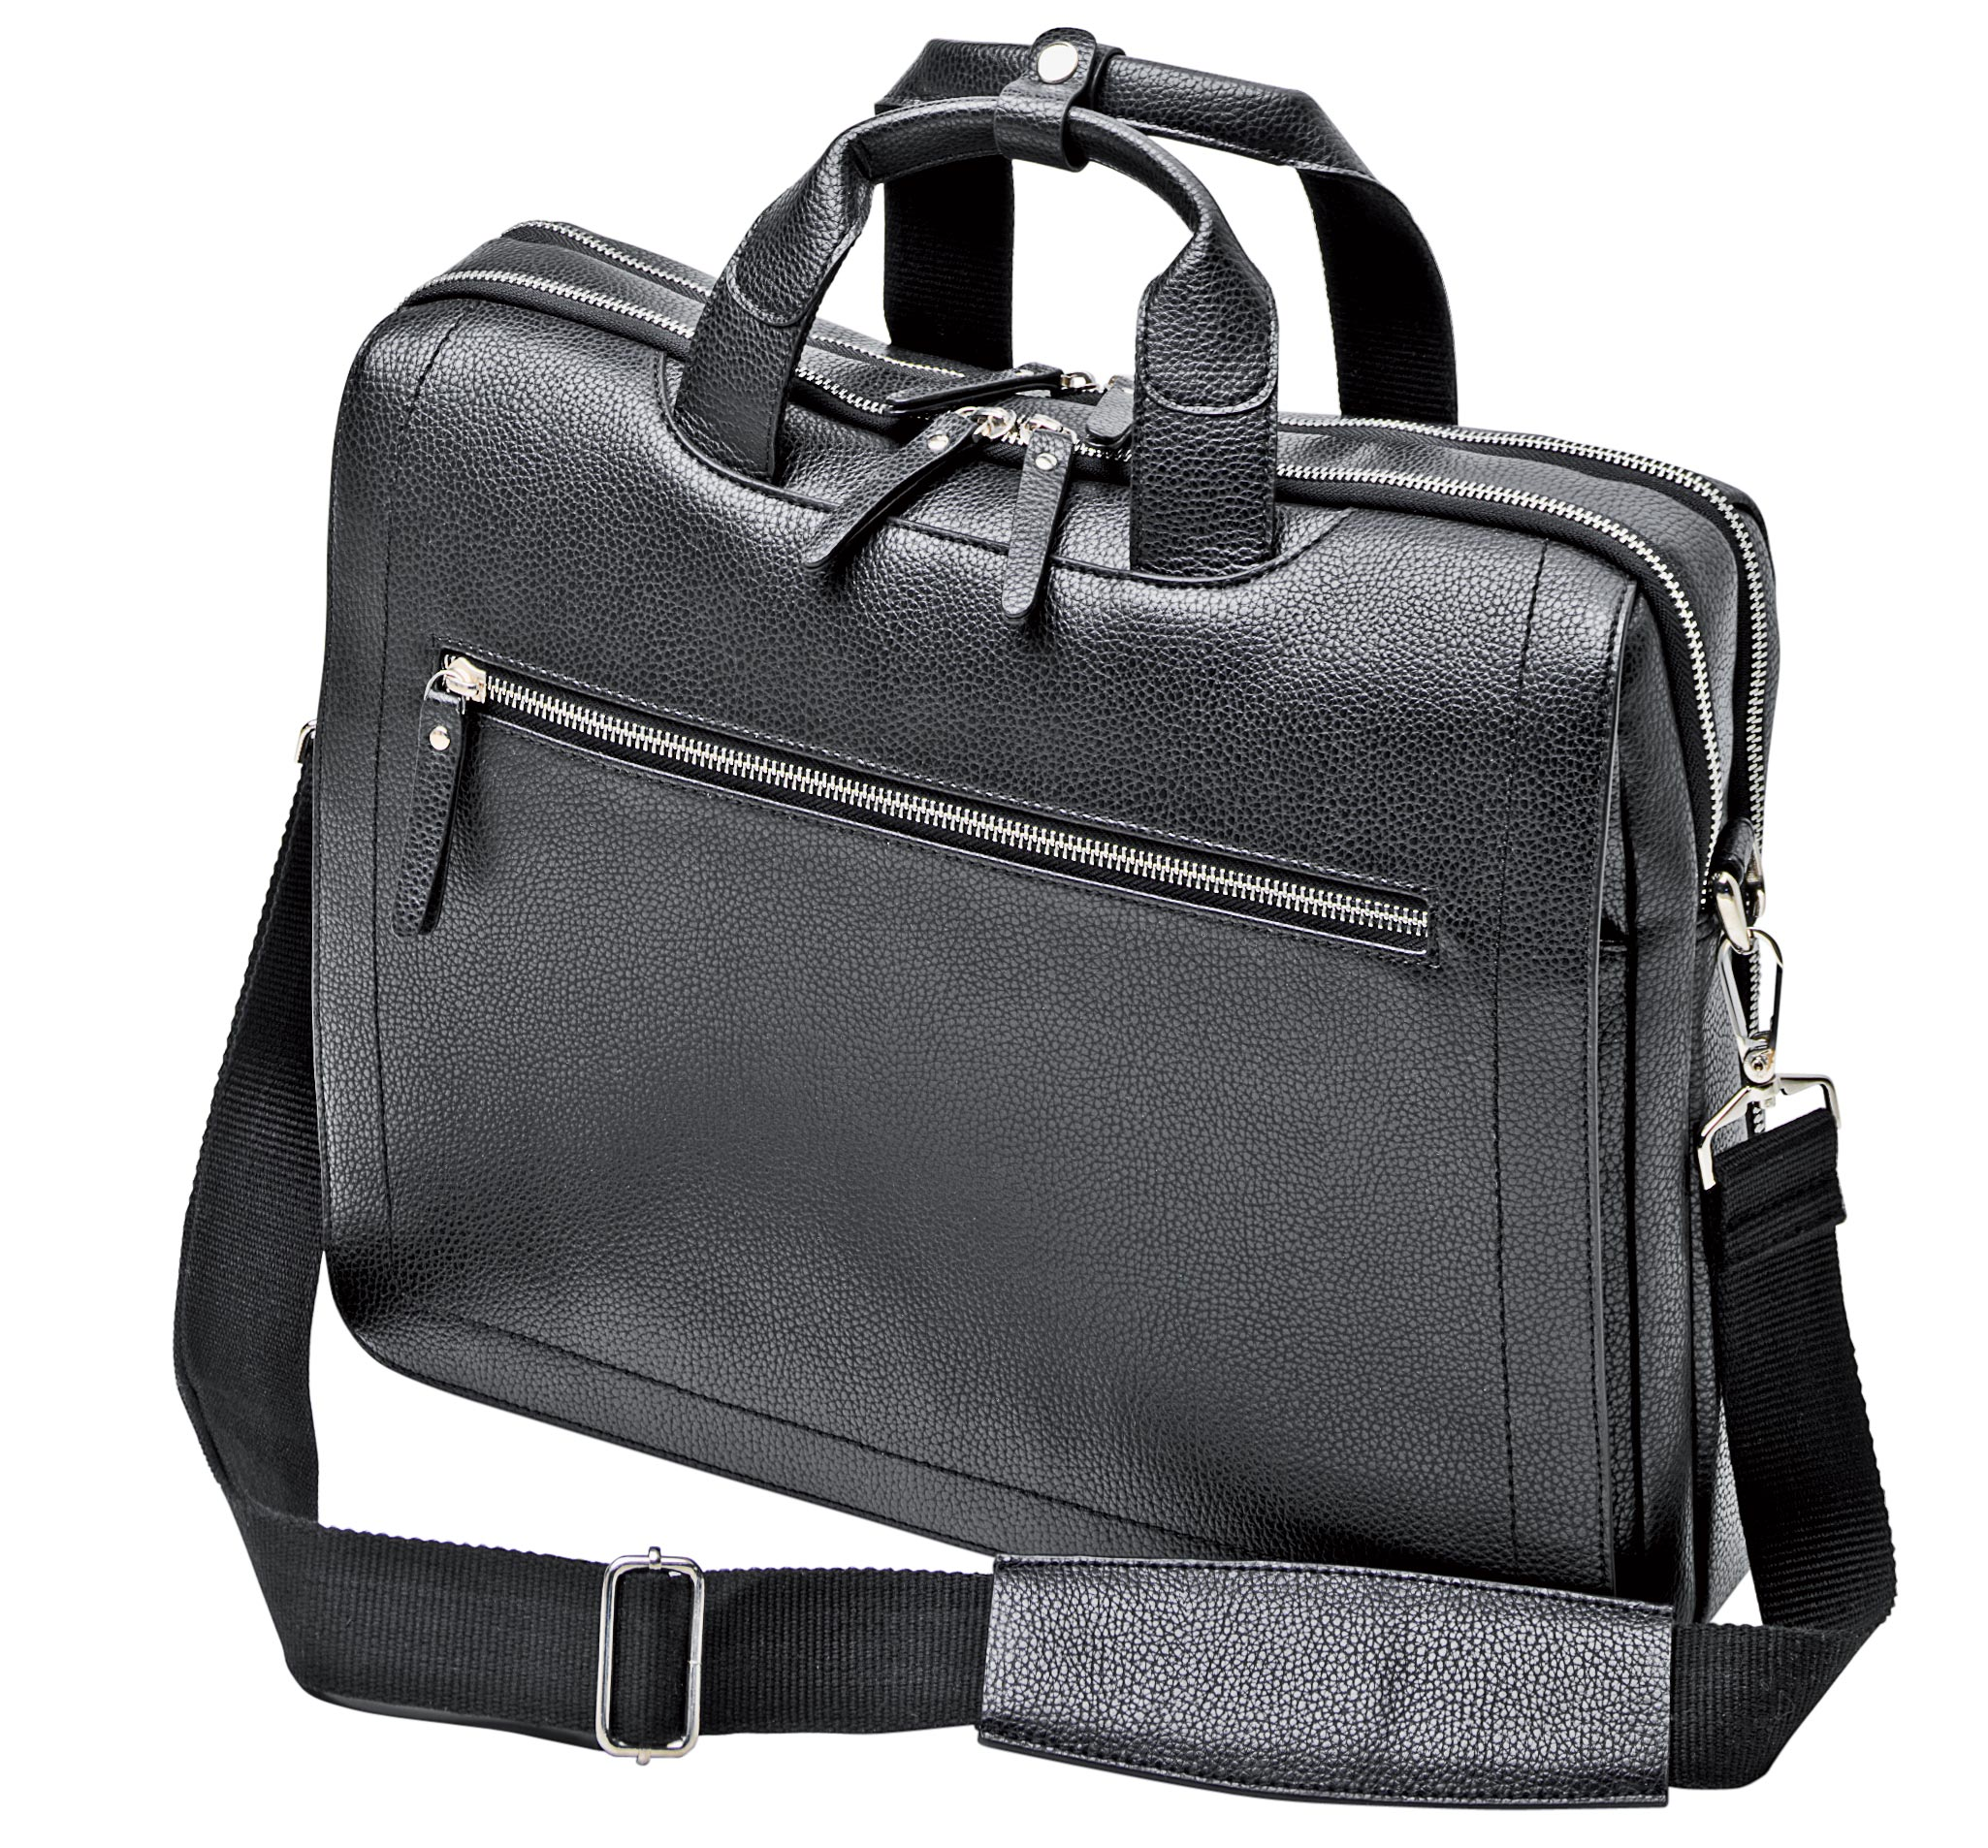 Sacoche pour ordinateur portable simili cuir amsterdam meandmy 39081 az fournitures - Porte ordinateur portable ...